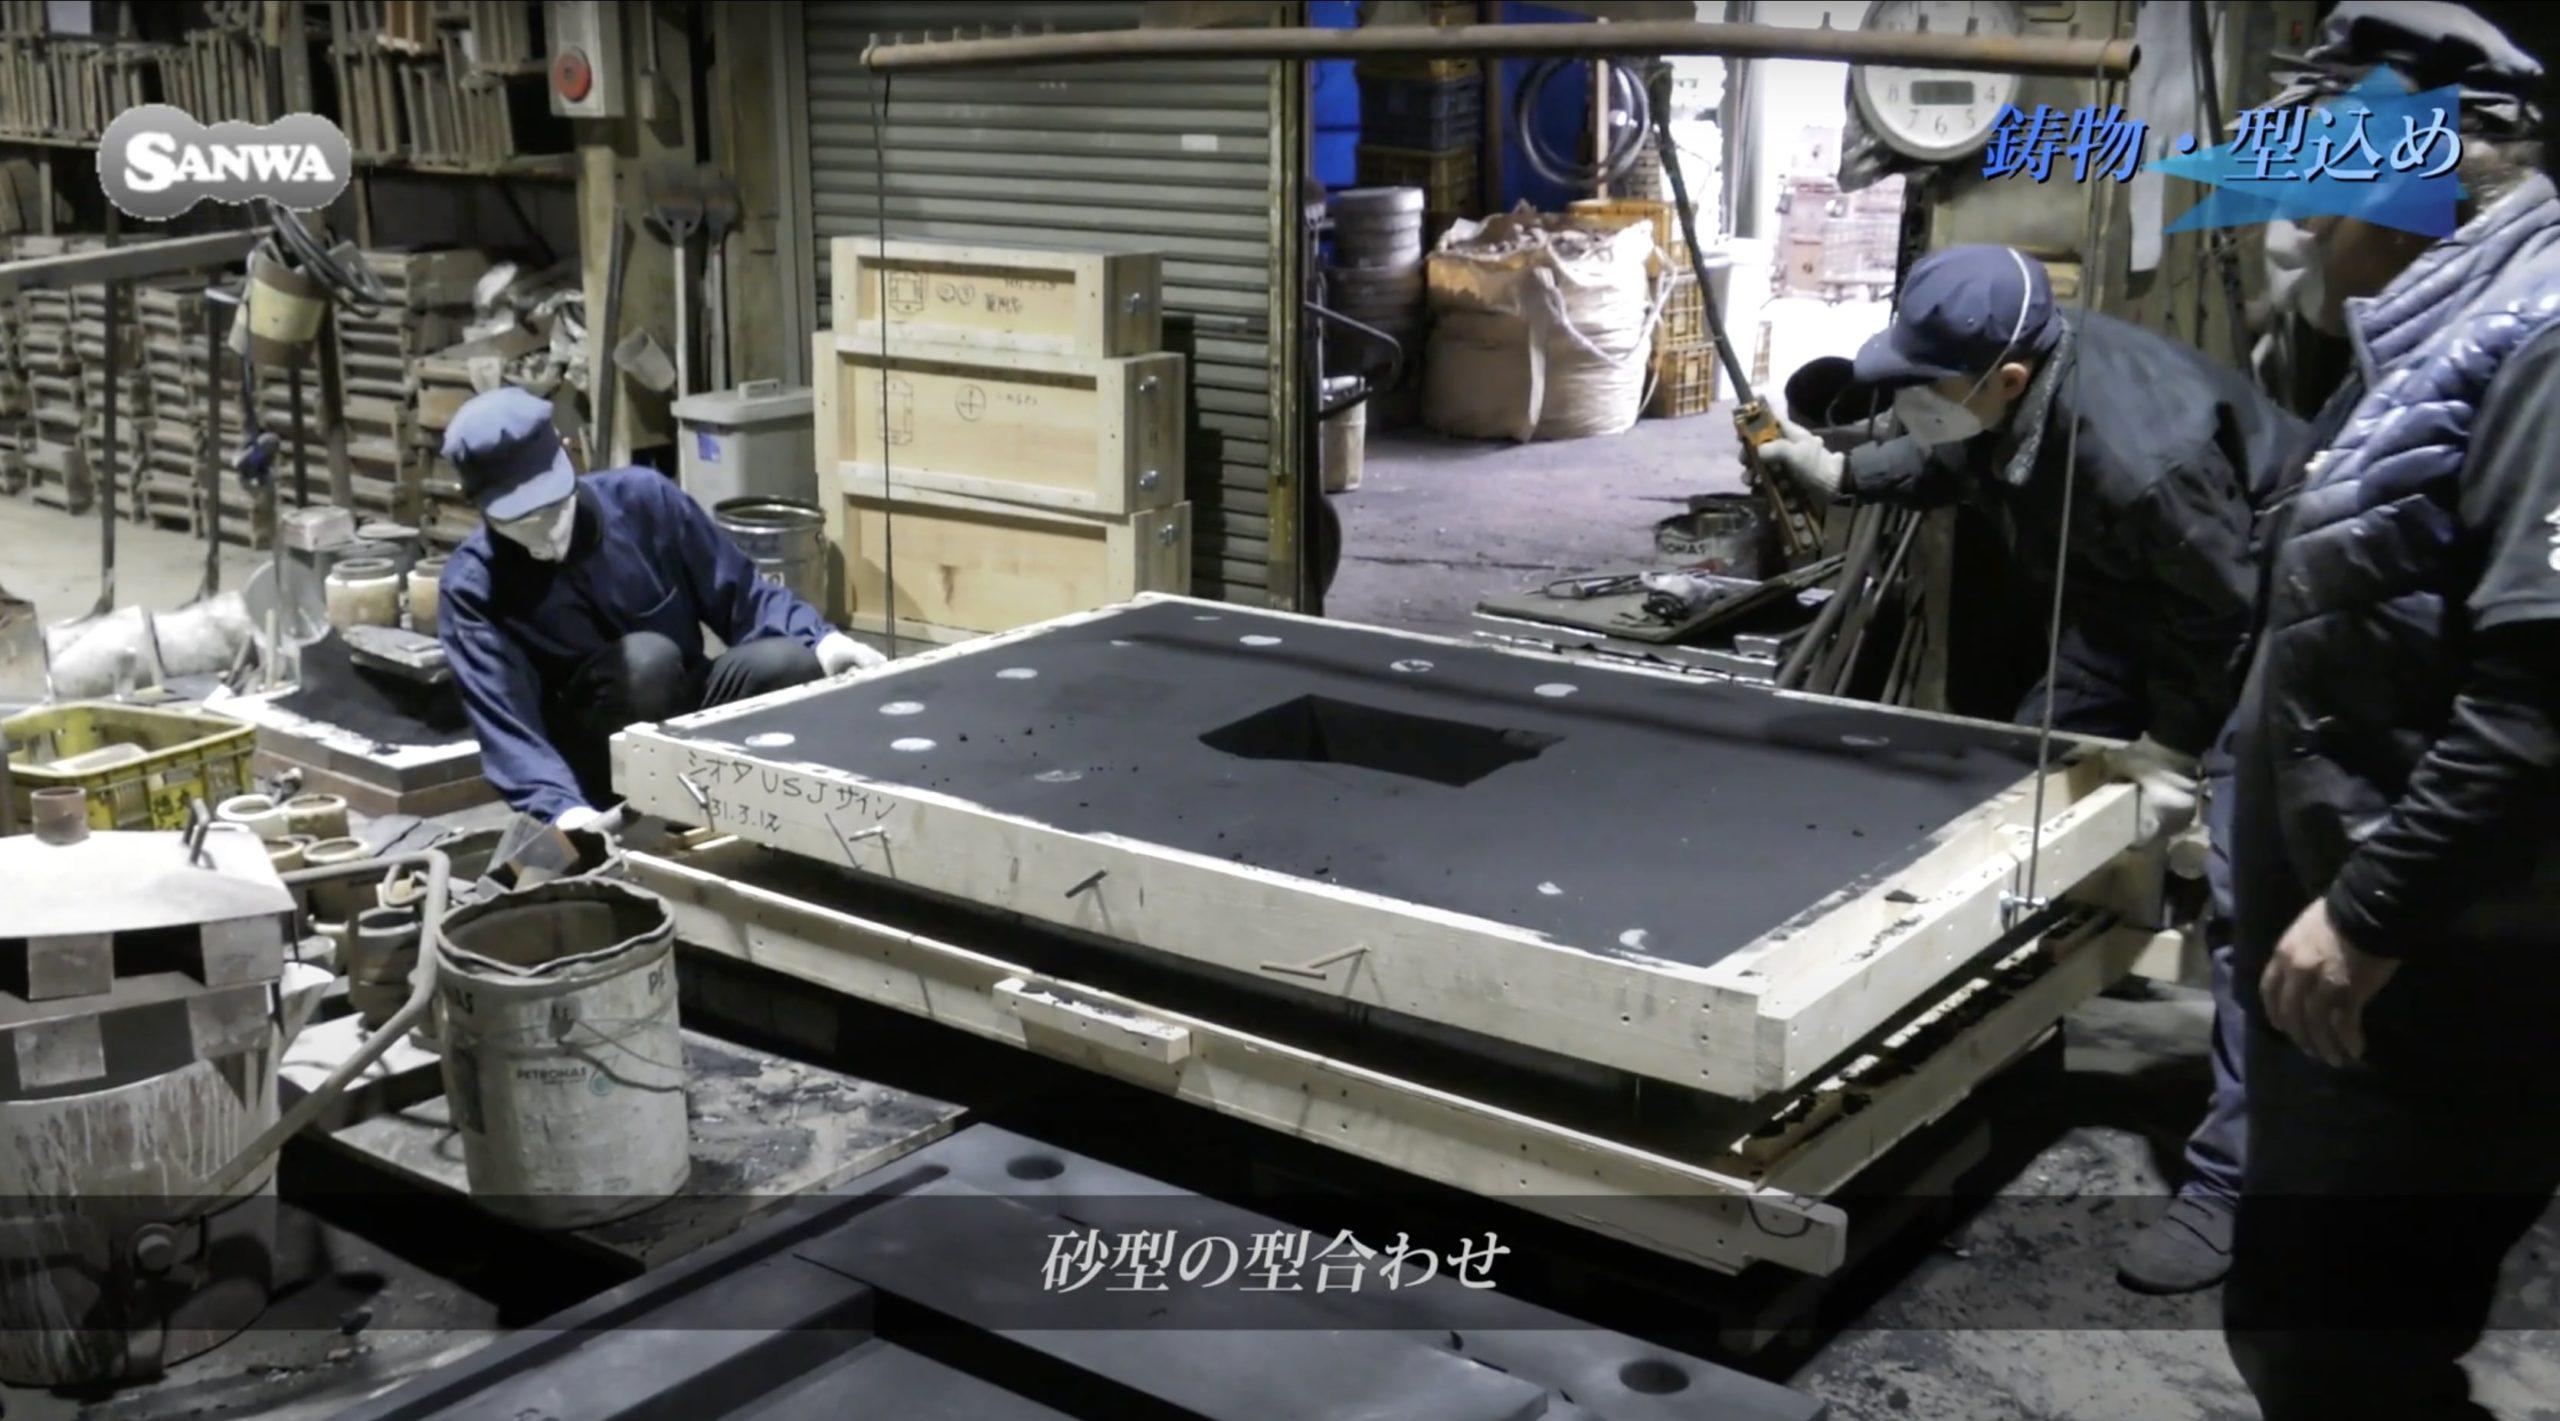 アルミ鋳造・アルミ鋳物の三和軽合金製作所の砂型・型合わせ